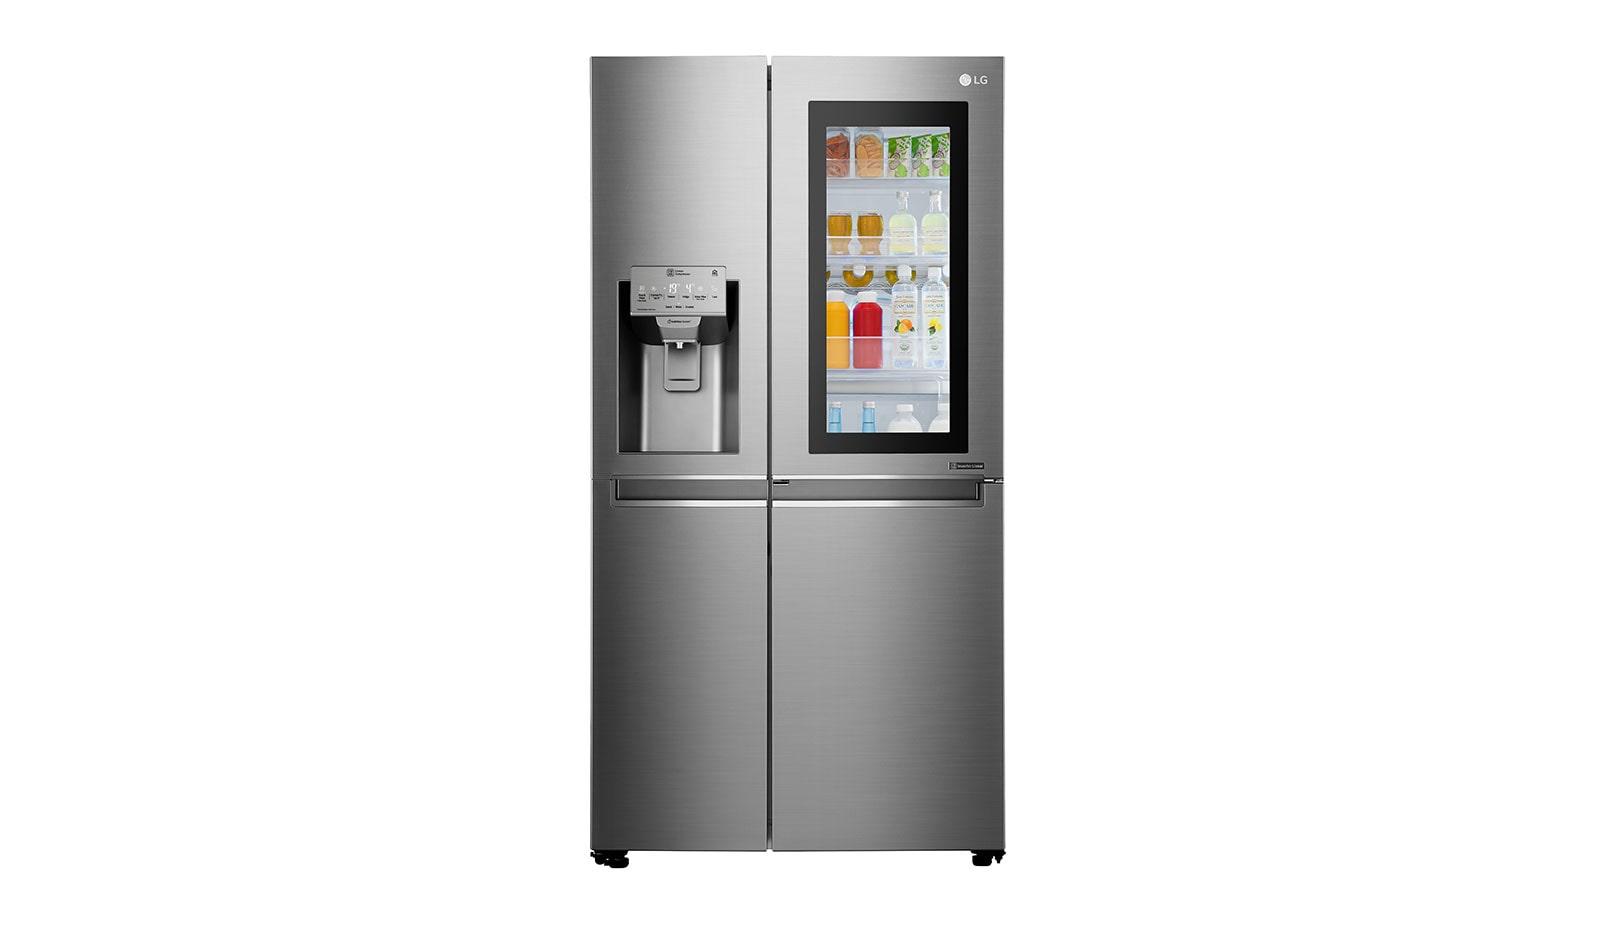 Kühlschrank Mit Eiswürfelbereiter : Vitrifrigo edelstahl schublade gefrierschrank eiswürfelbereiter